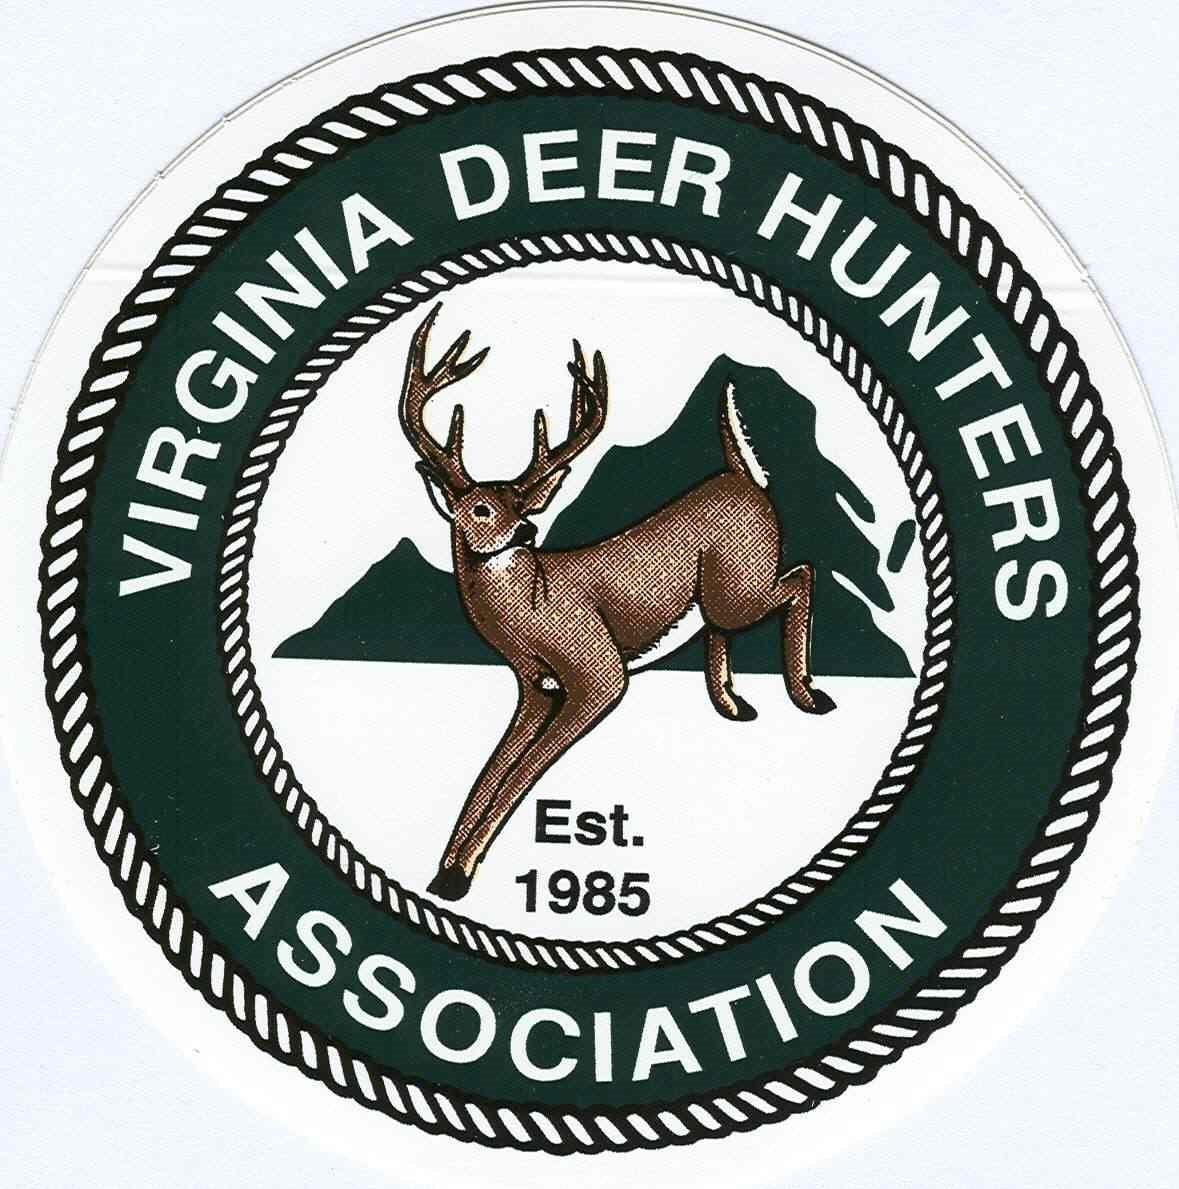 deerhunters.jpg